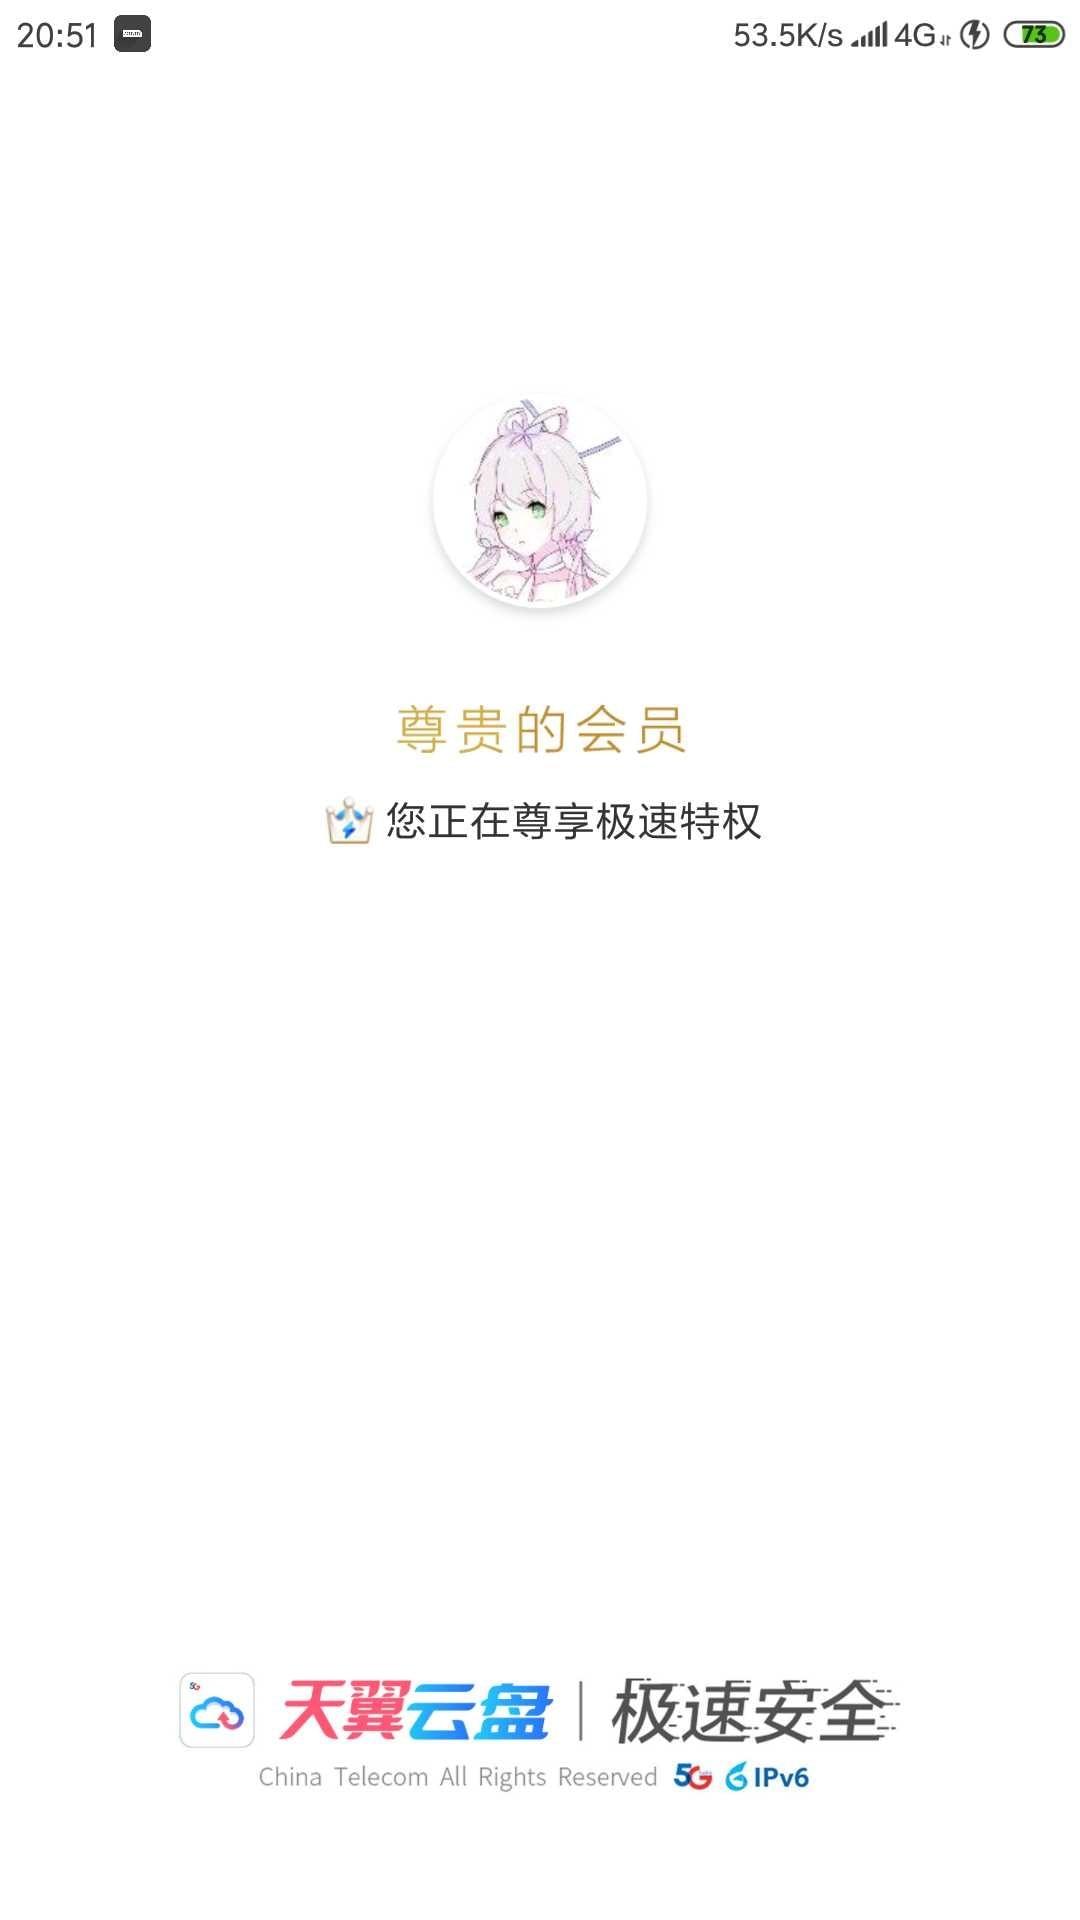 安卓天翼云盘 v8.6.2解锁VIP